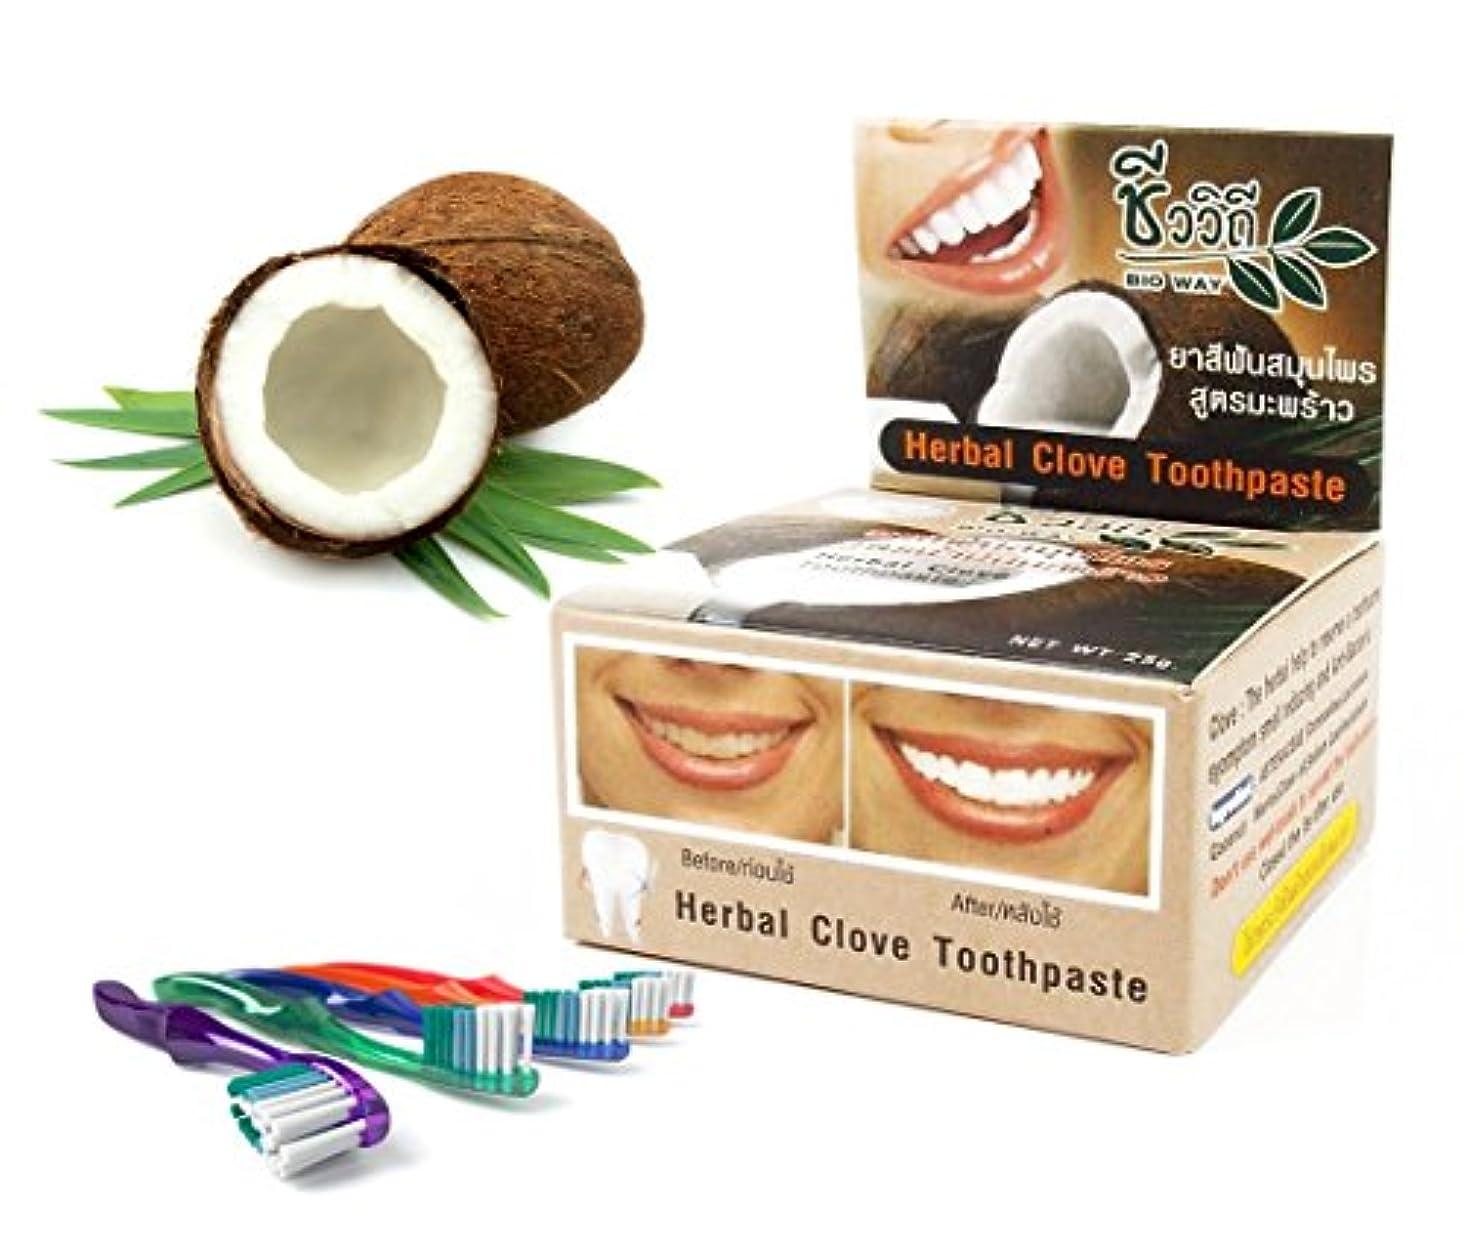 展示会傑出した一定Mangos Teen. Toothpaste Coconut Natural Herbal Clove Teeth Whitening Help Eliminate Limestone Cigarette Coffee...